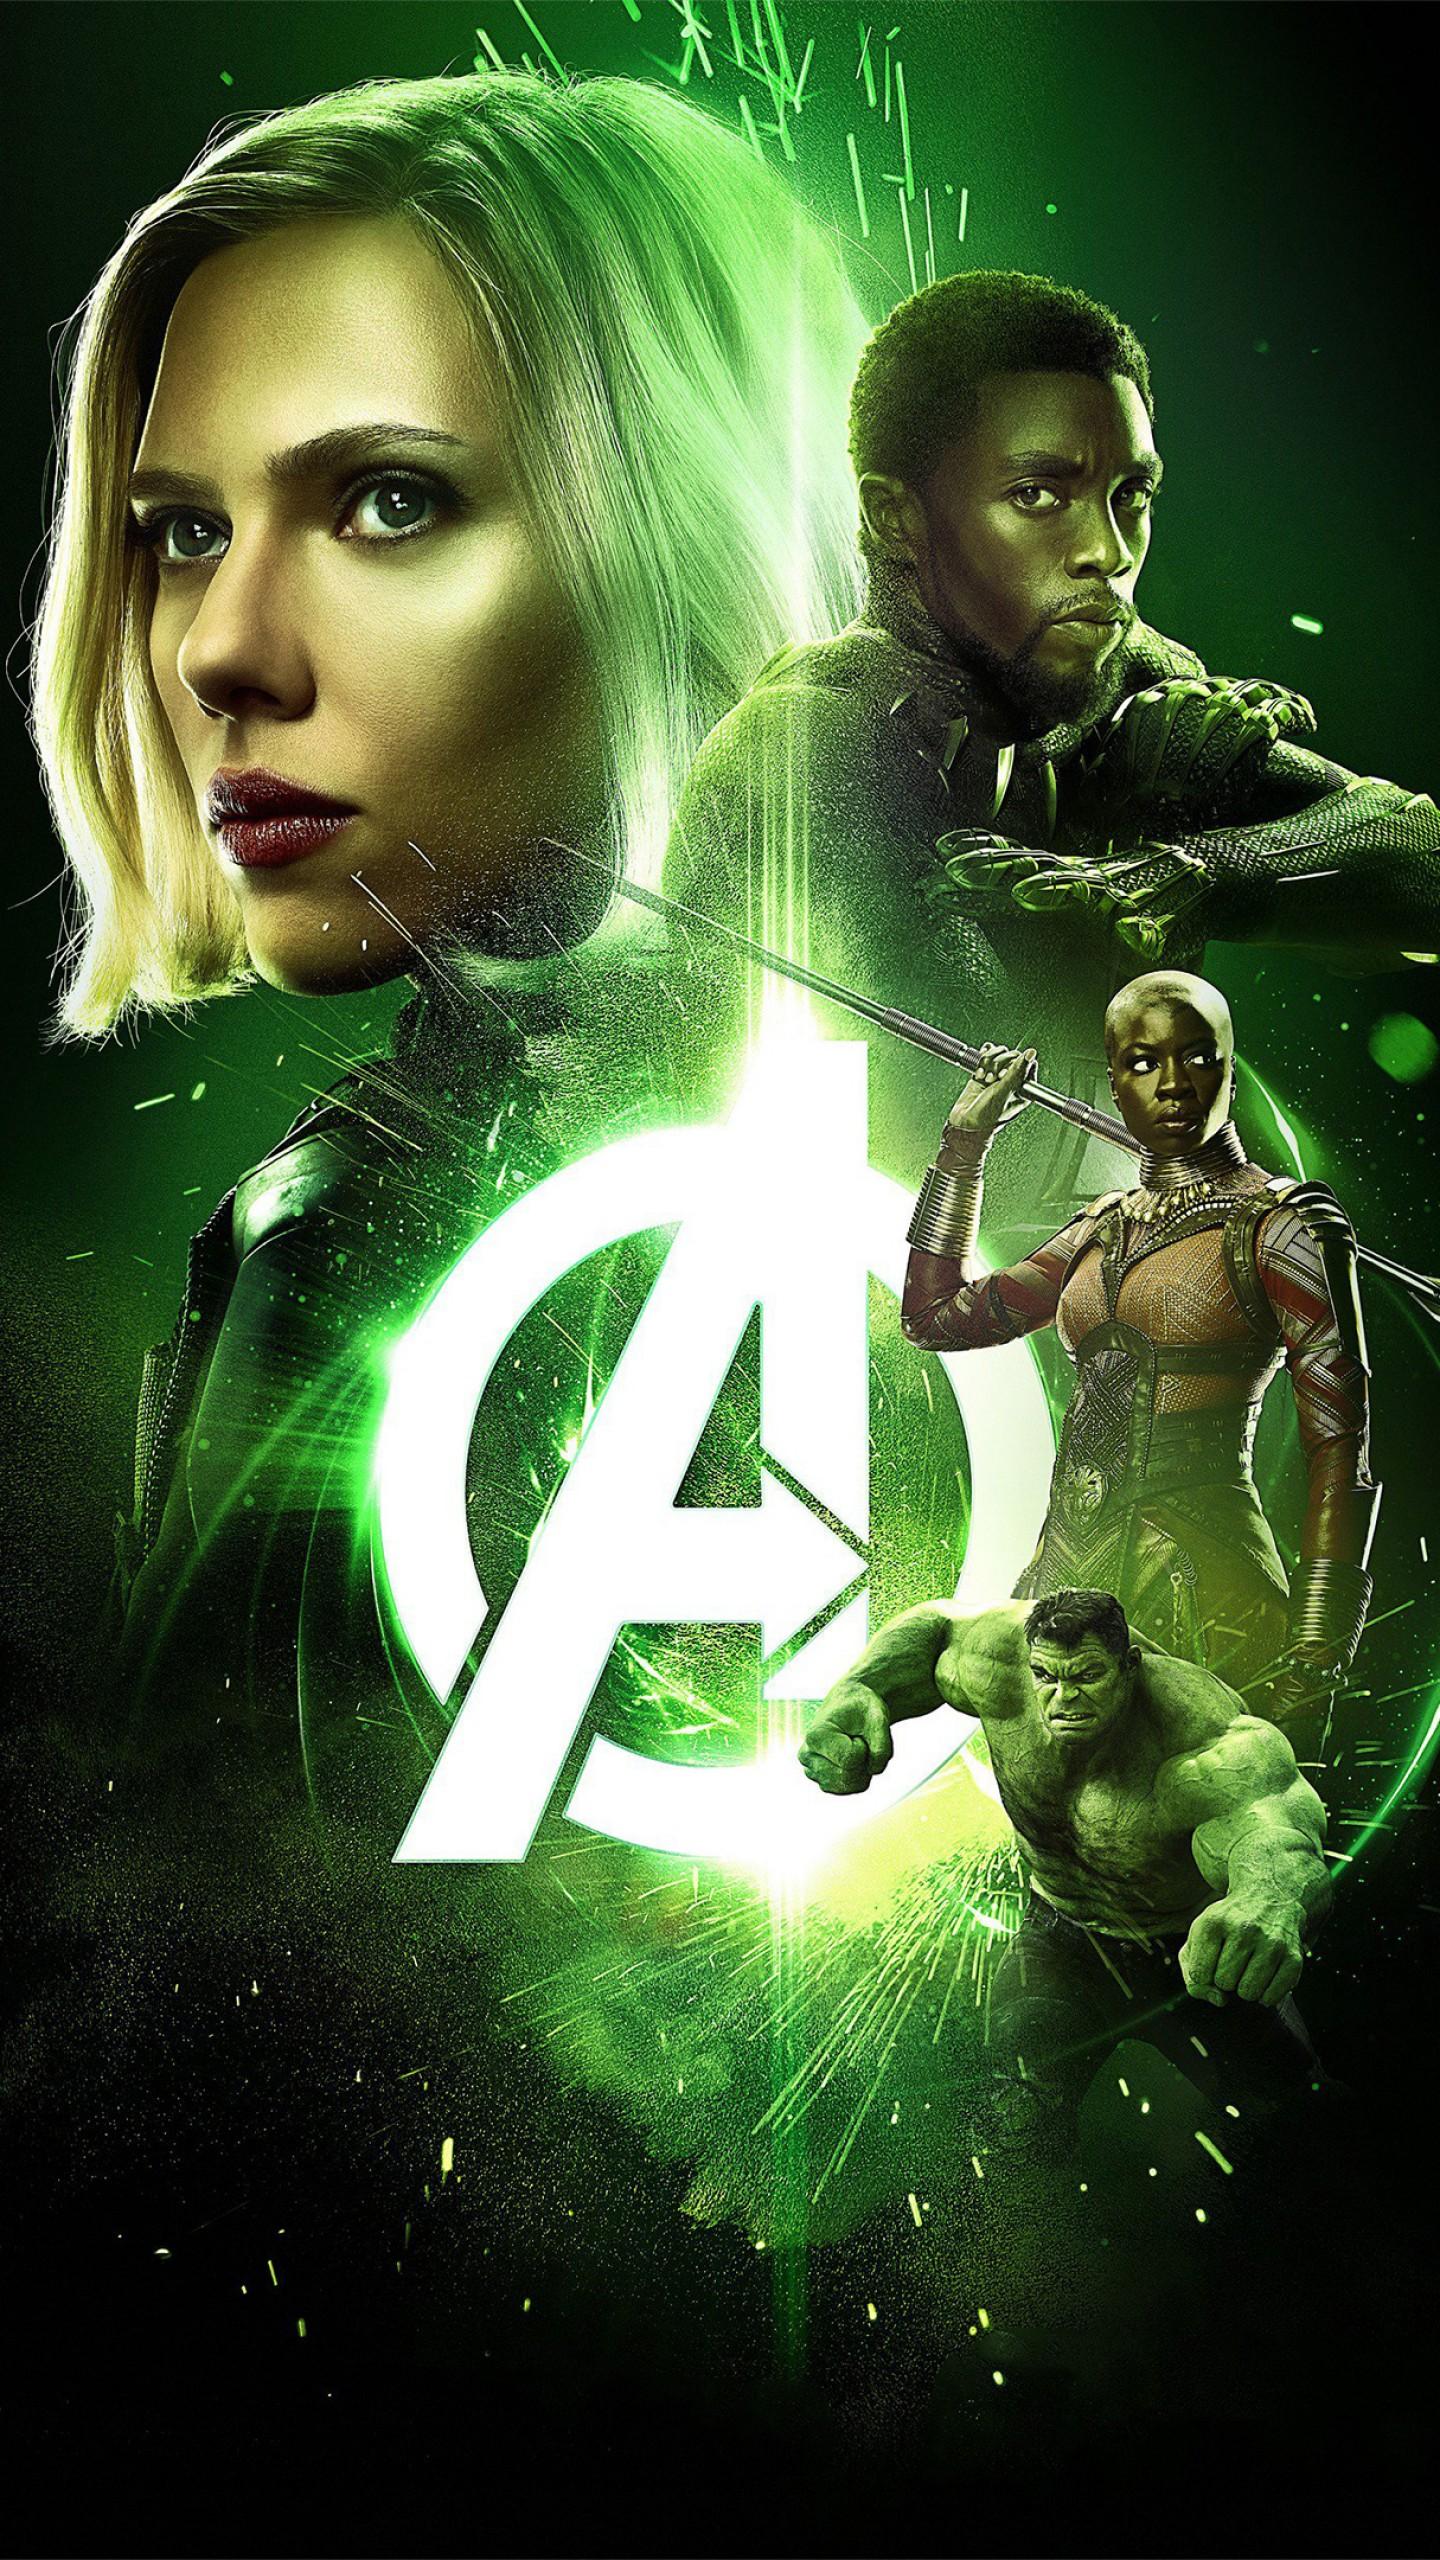 Wallpaper Avengers Infinity War Black Widow Scarlett